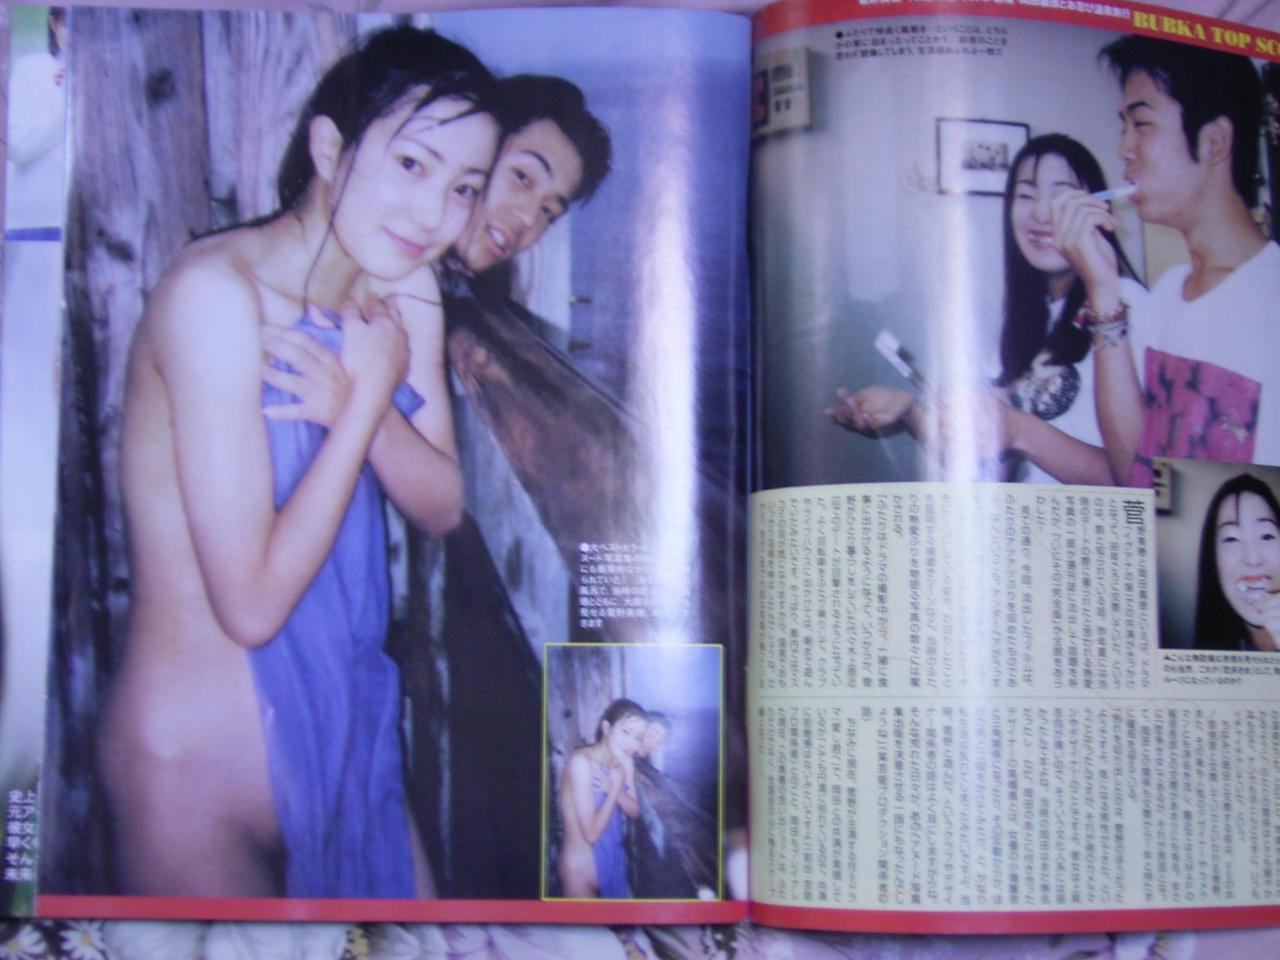 菅野美穂モロにマンスジやハミマンエロGIF画像